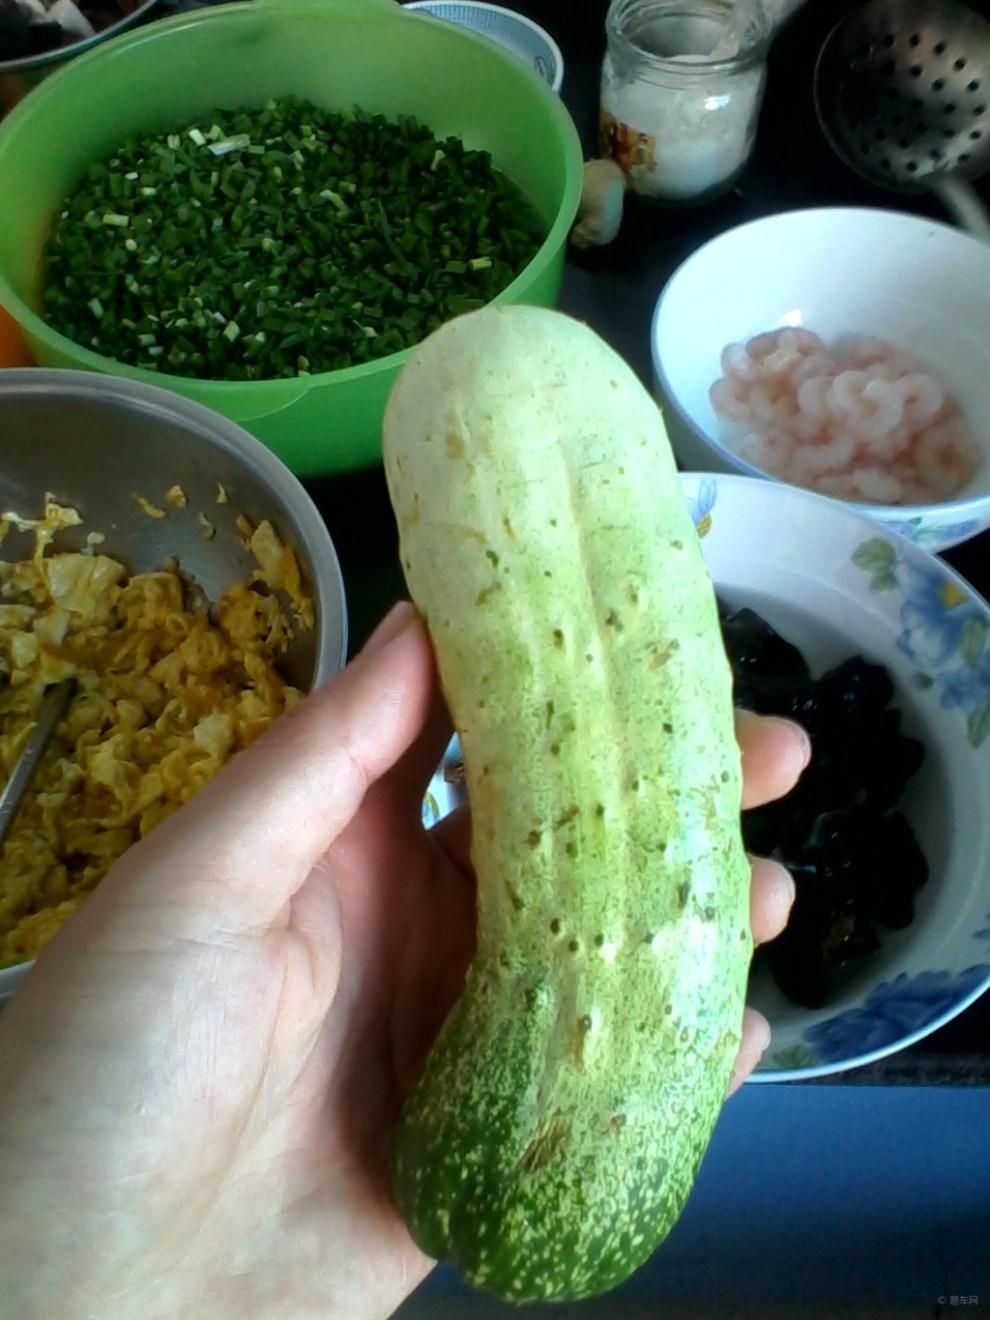 """""""早上和中午各一个黄瓜一根鸡蛋,晚上一根黄瓜.这方法v黄瓜用醋晚上怎么样图片"""